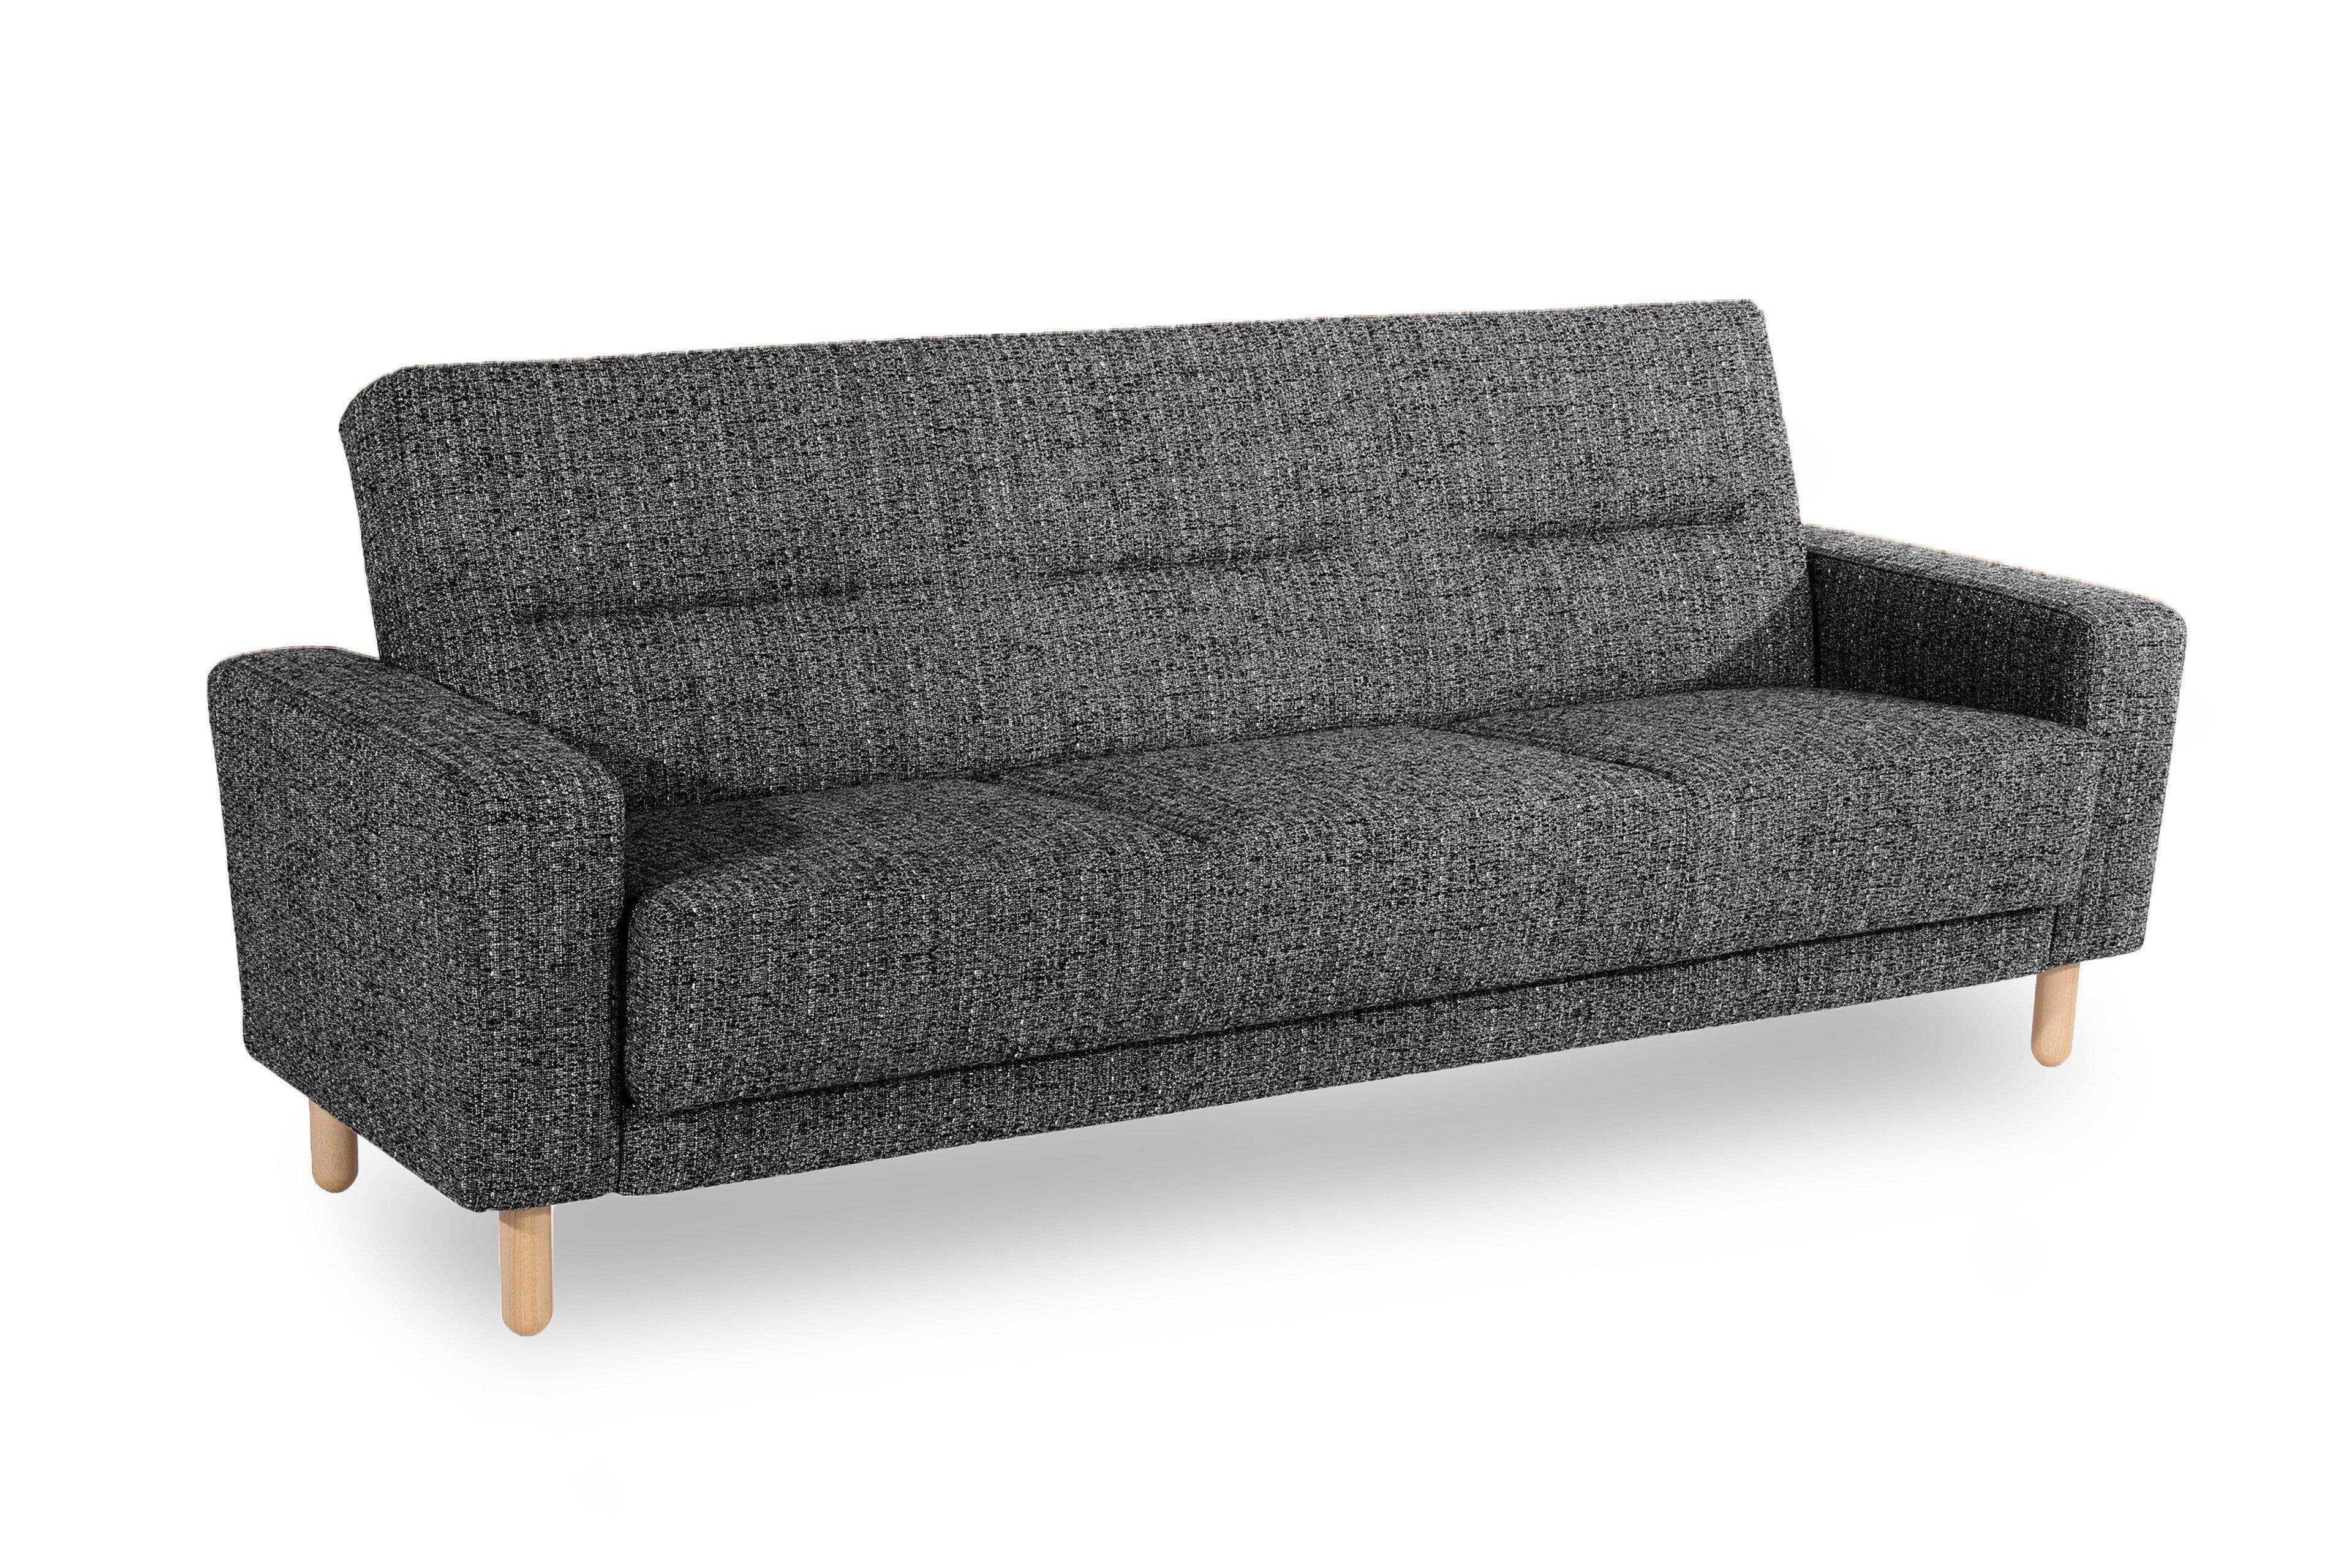 max winzer janis couch schwarz wei meliert m bel letz ihr online shop. Black Bedroom Furniture Sets. Home Design Ideas